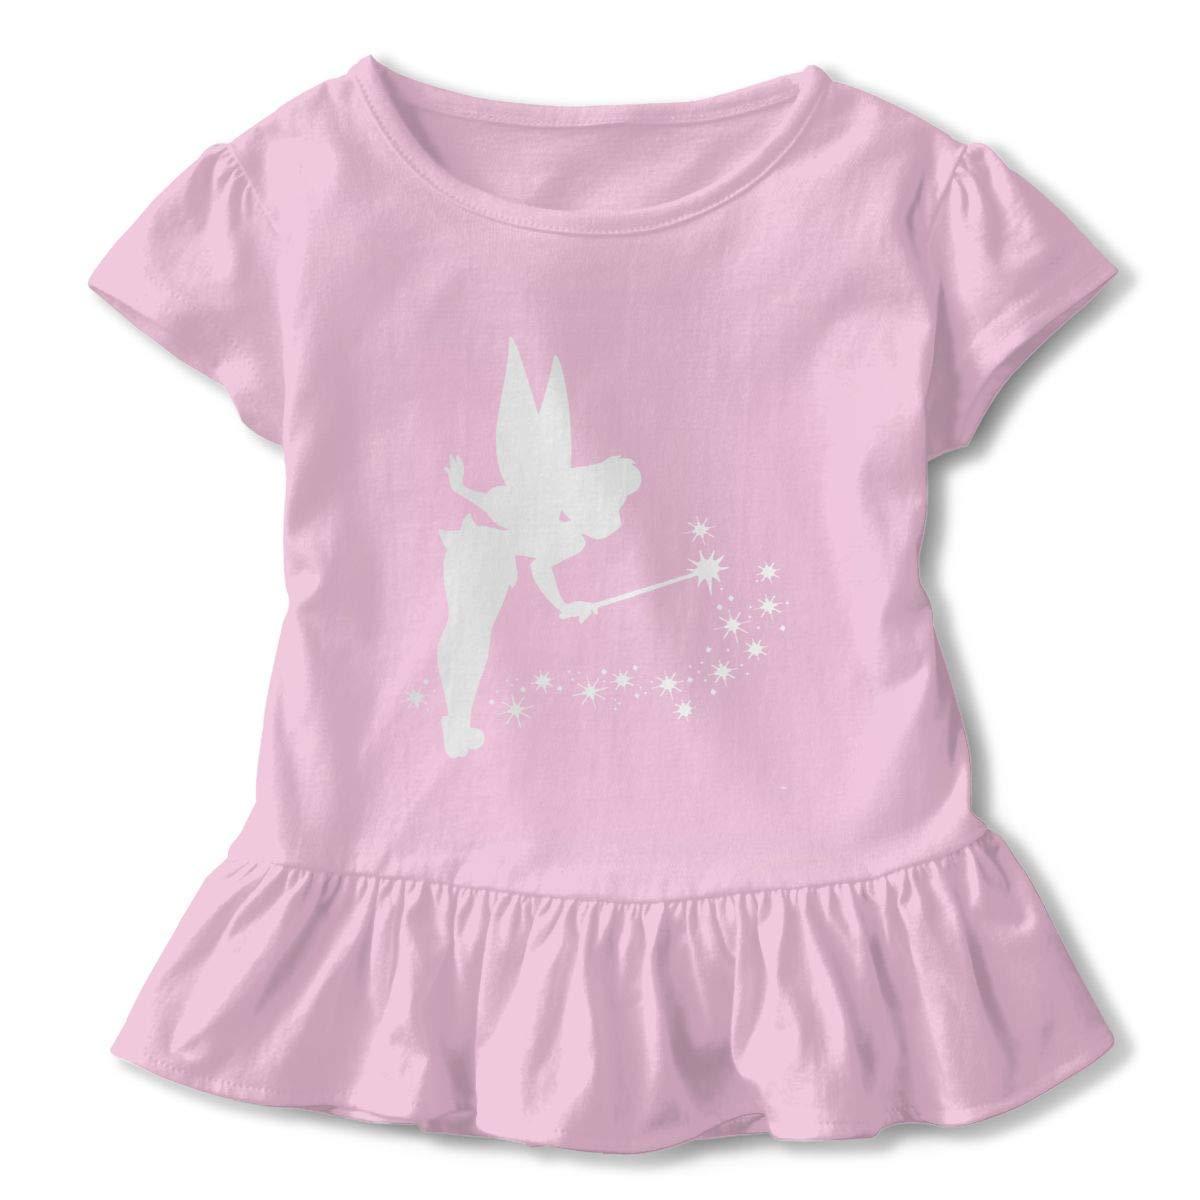 Kid T Shirt Tinkerbell Platinum 3D Tee Baseball Ruffle Short Sleeve Cotton Shirts Top for Girls Kids